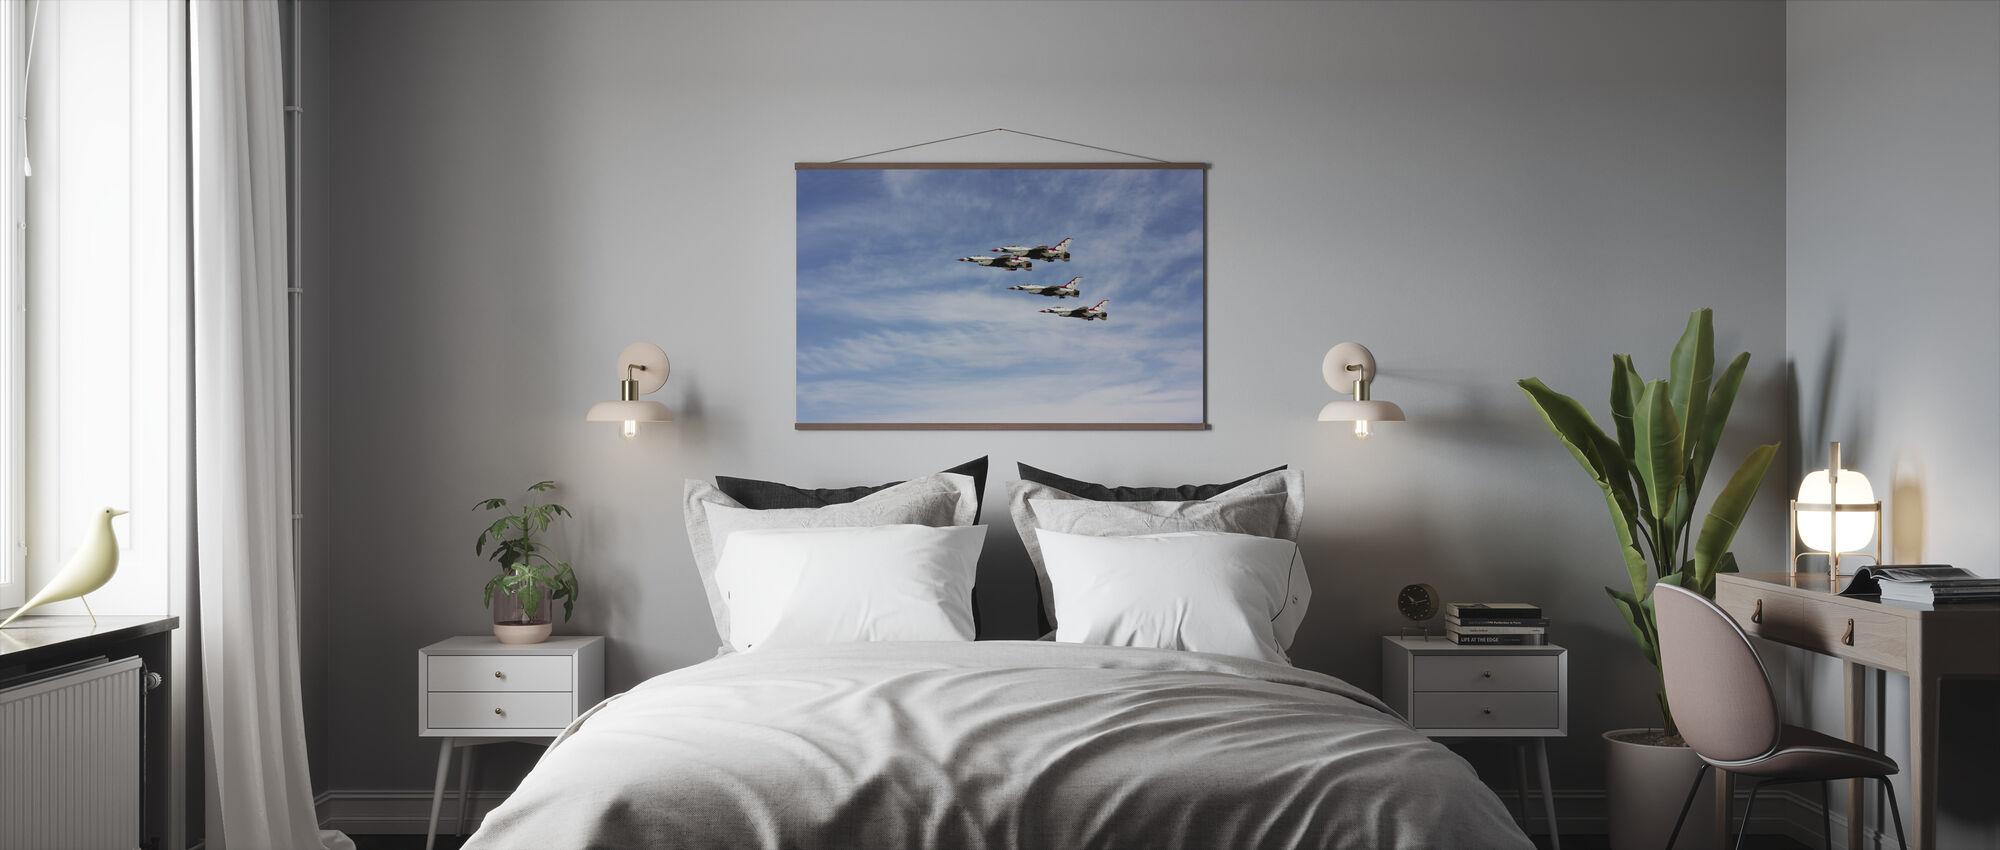 Jet Fighter Formation - Poster - Bedroom